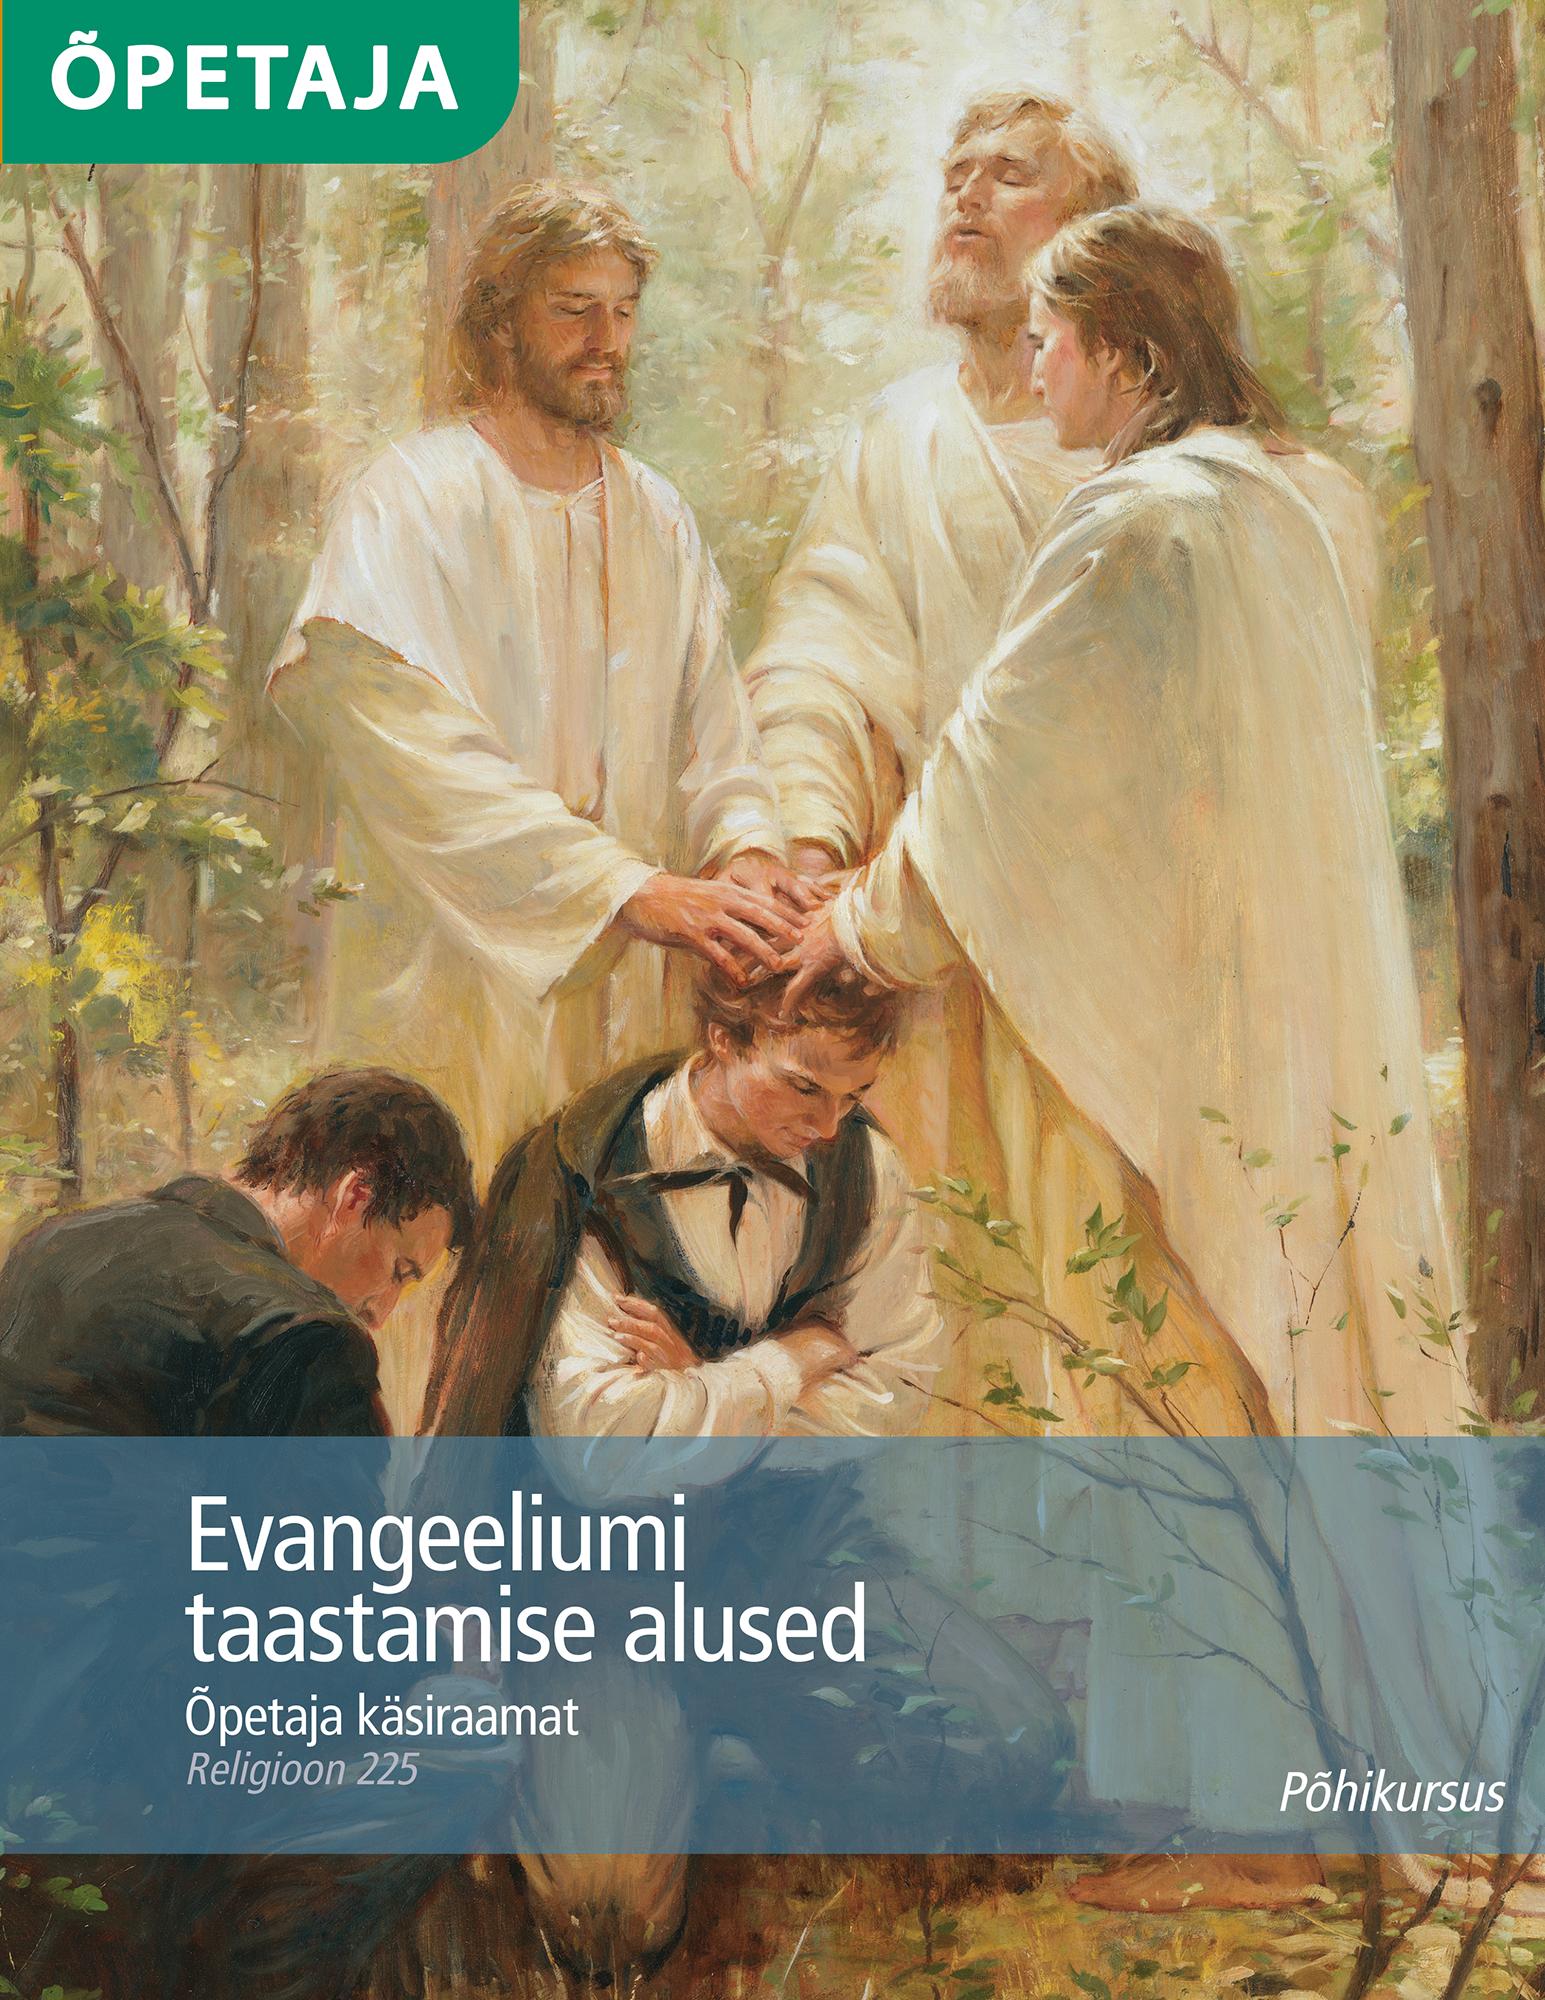 Evangeeliumi taastamise alused: õpetaja käsiraamat (Religioonikursus 225)